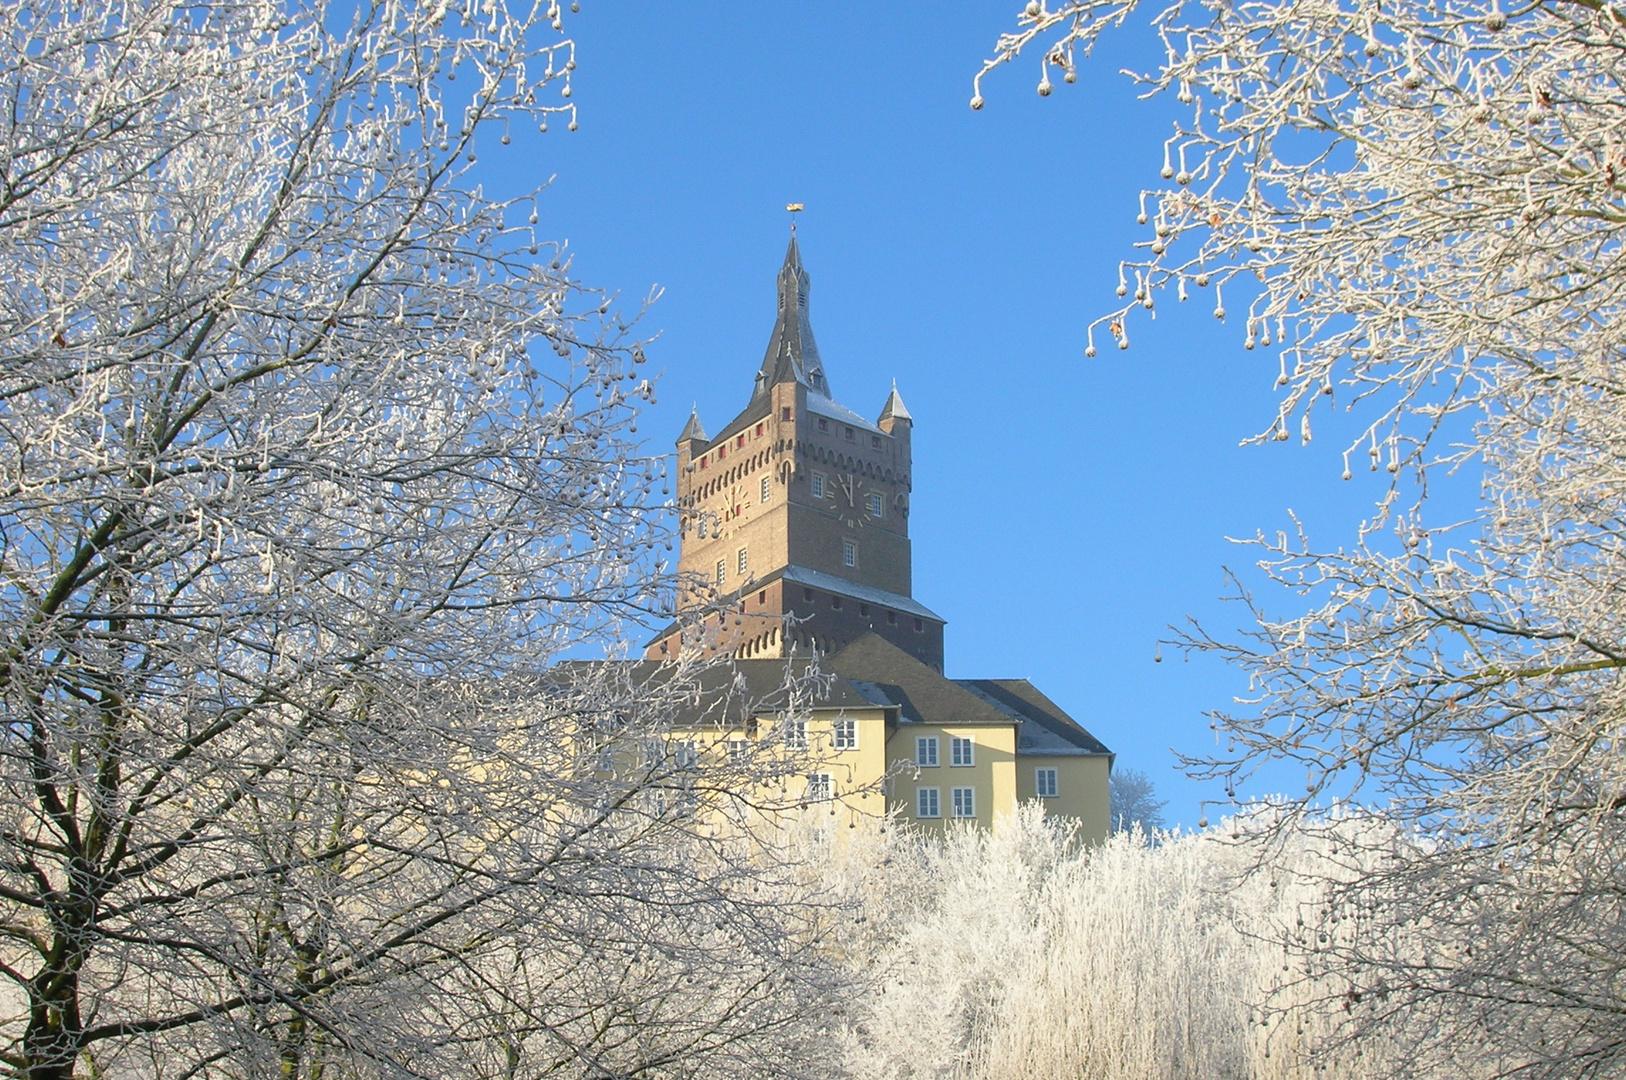 Winterliche Schwanenburg in Kleve